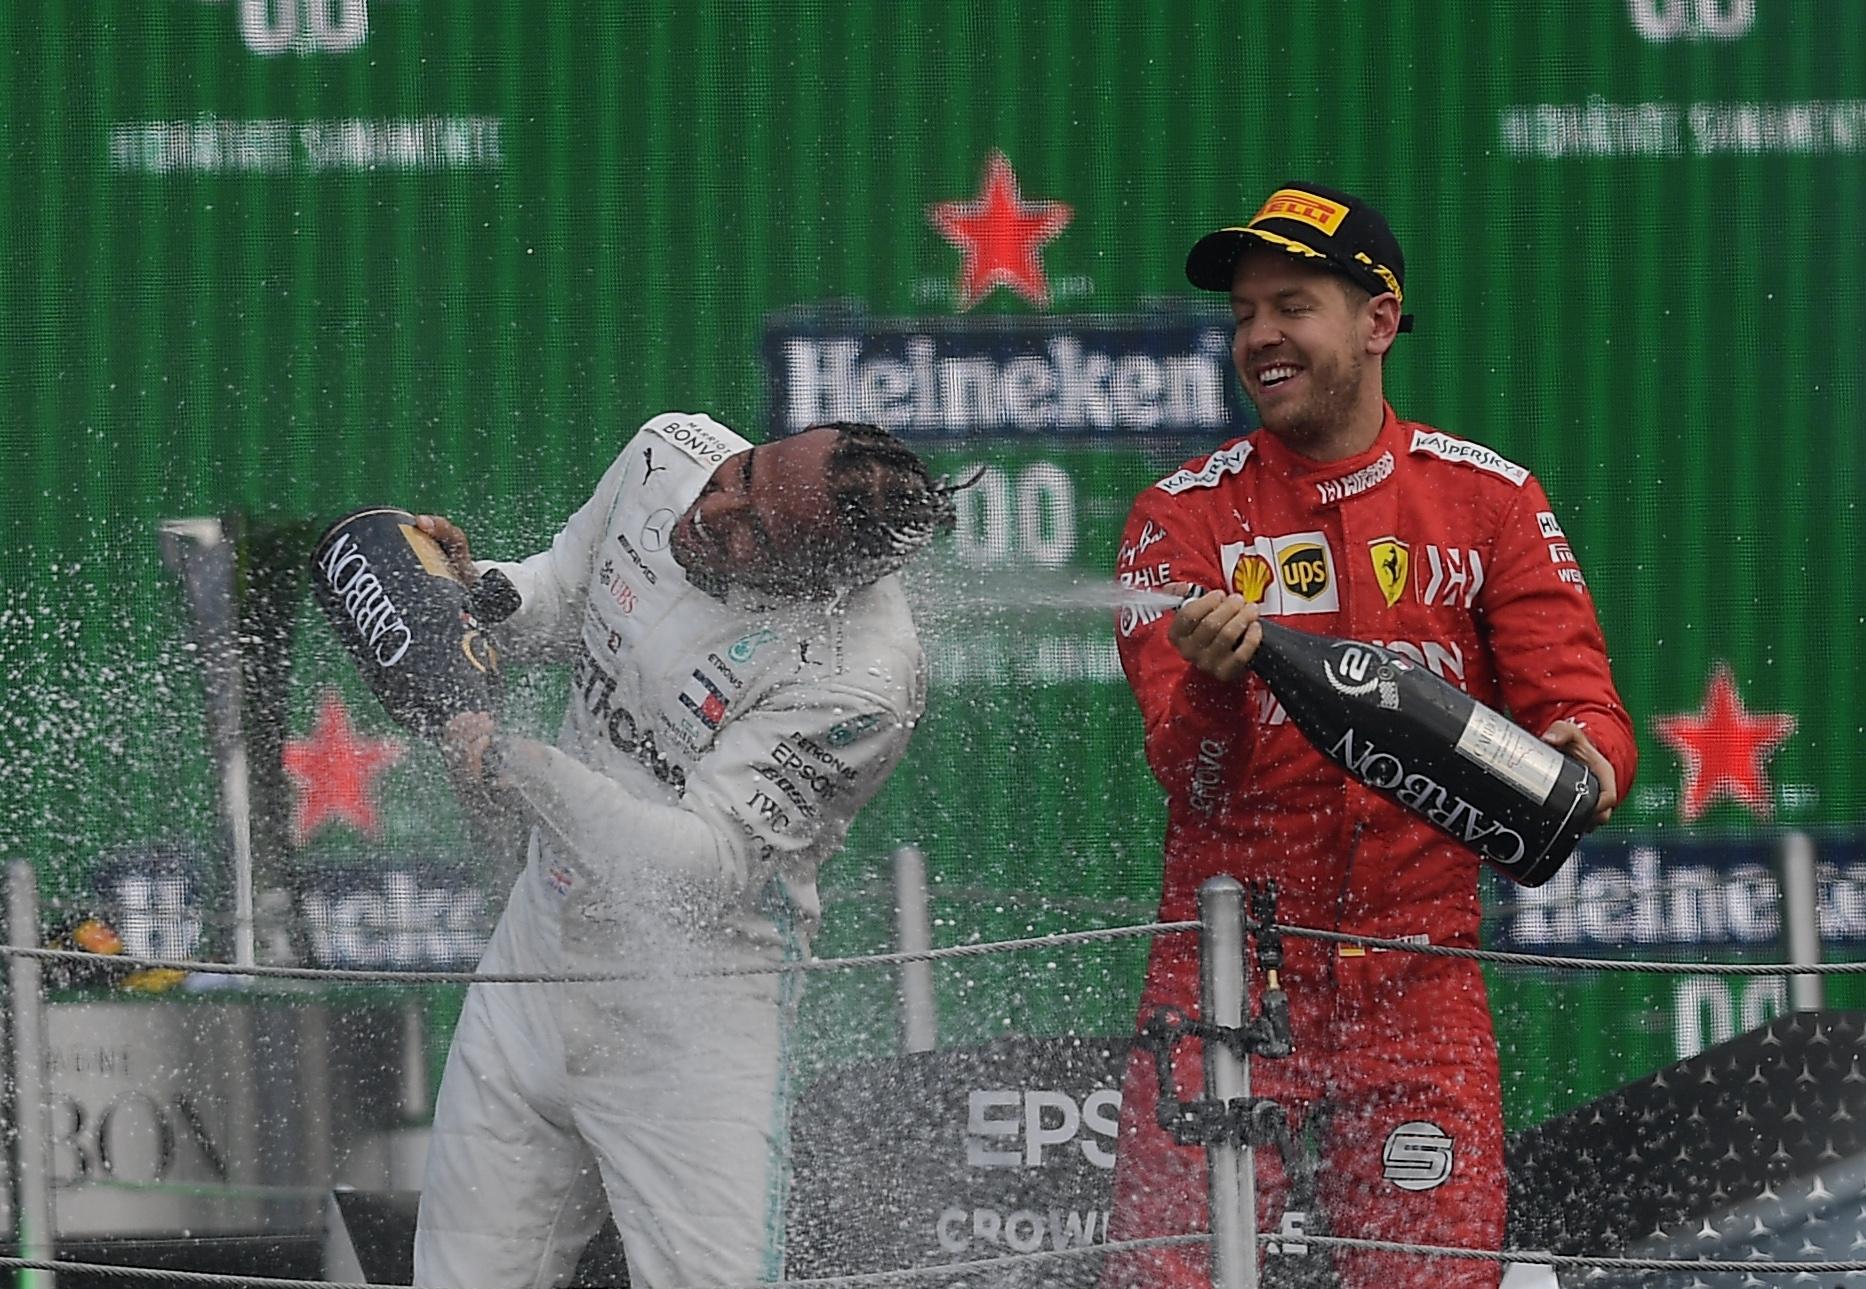 Lewis Hamilton y Sebastian Vettel celebraron compartir el podio en el Gran Premio de México de la Fórmula 1 en el Autódromo Hermanos Rodríguez (Foto: RODRIGO ARANGUA / AFP)